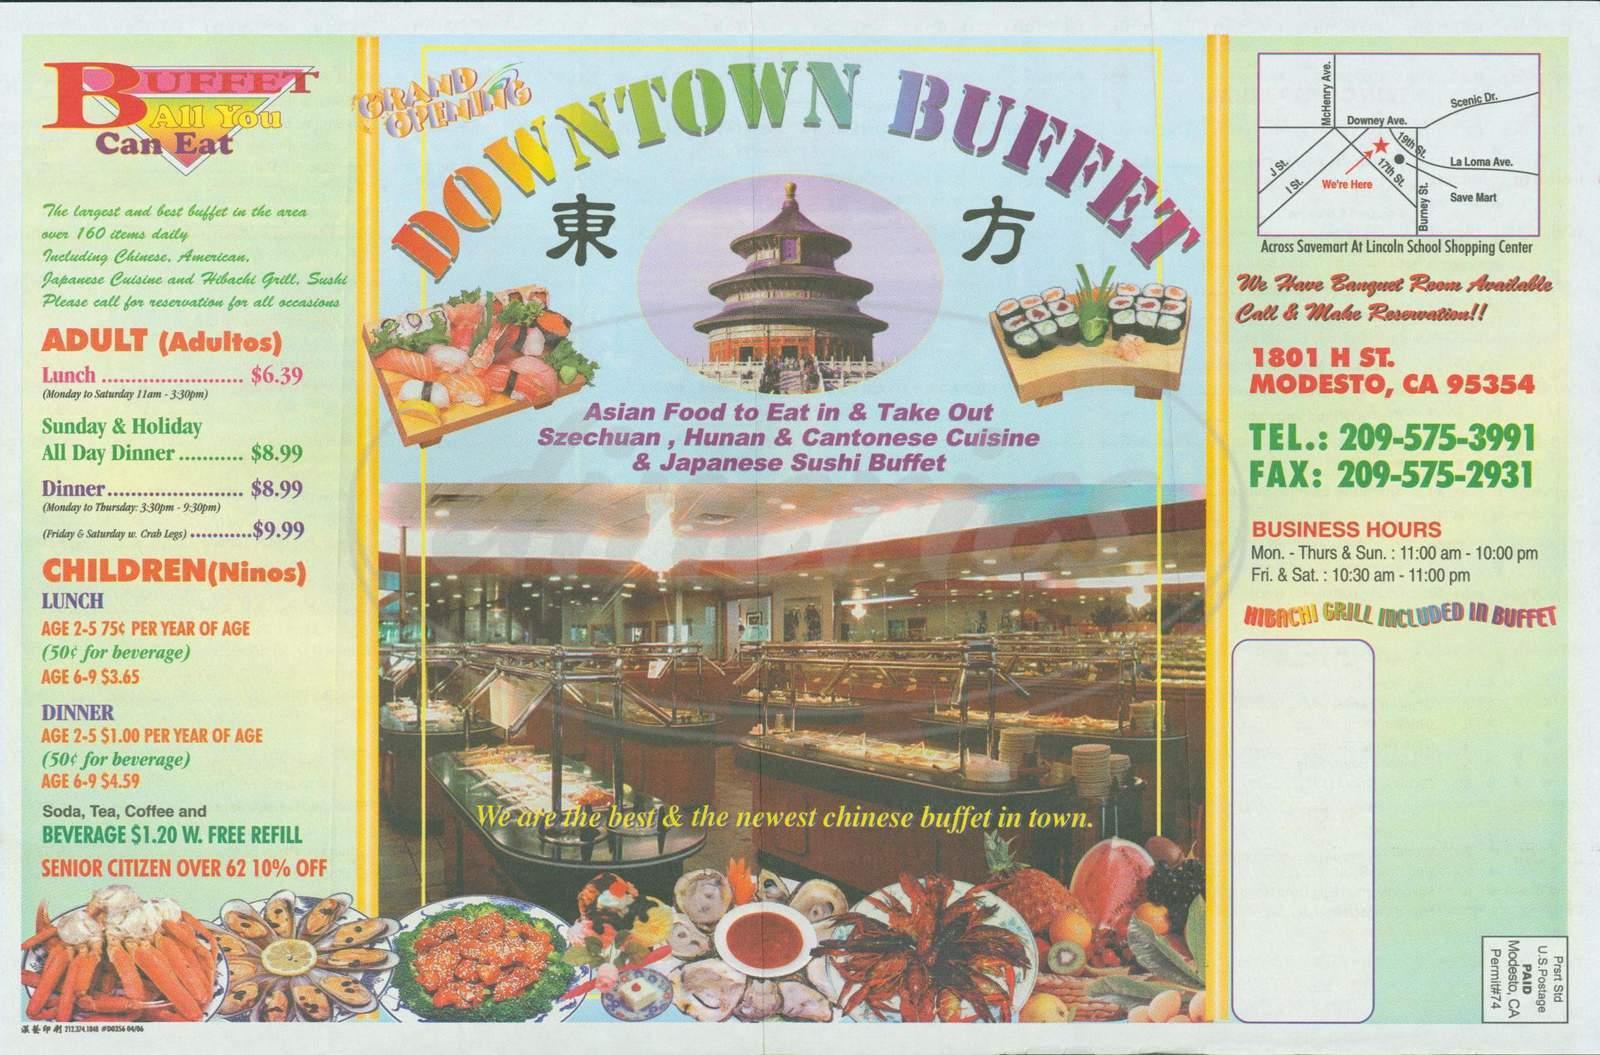 menu for Downtown Buffet